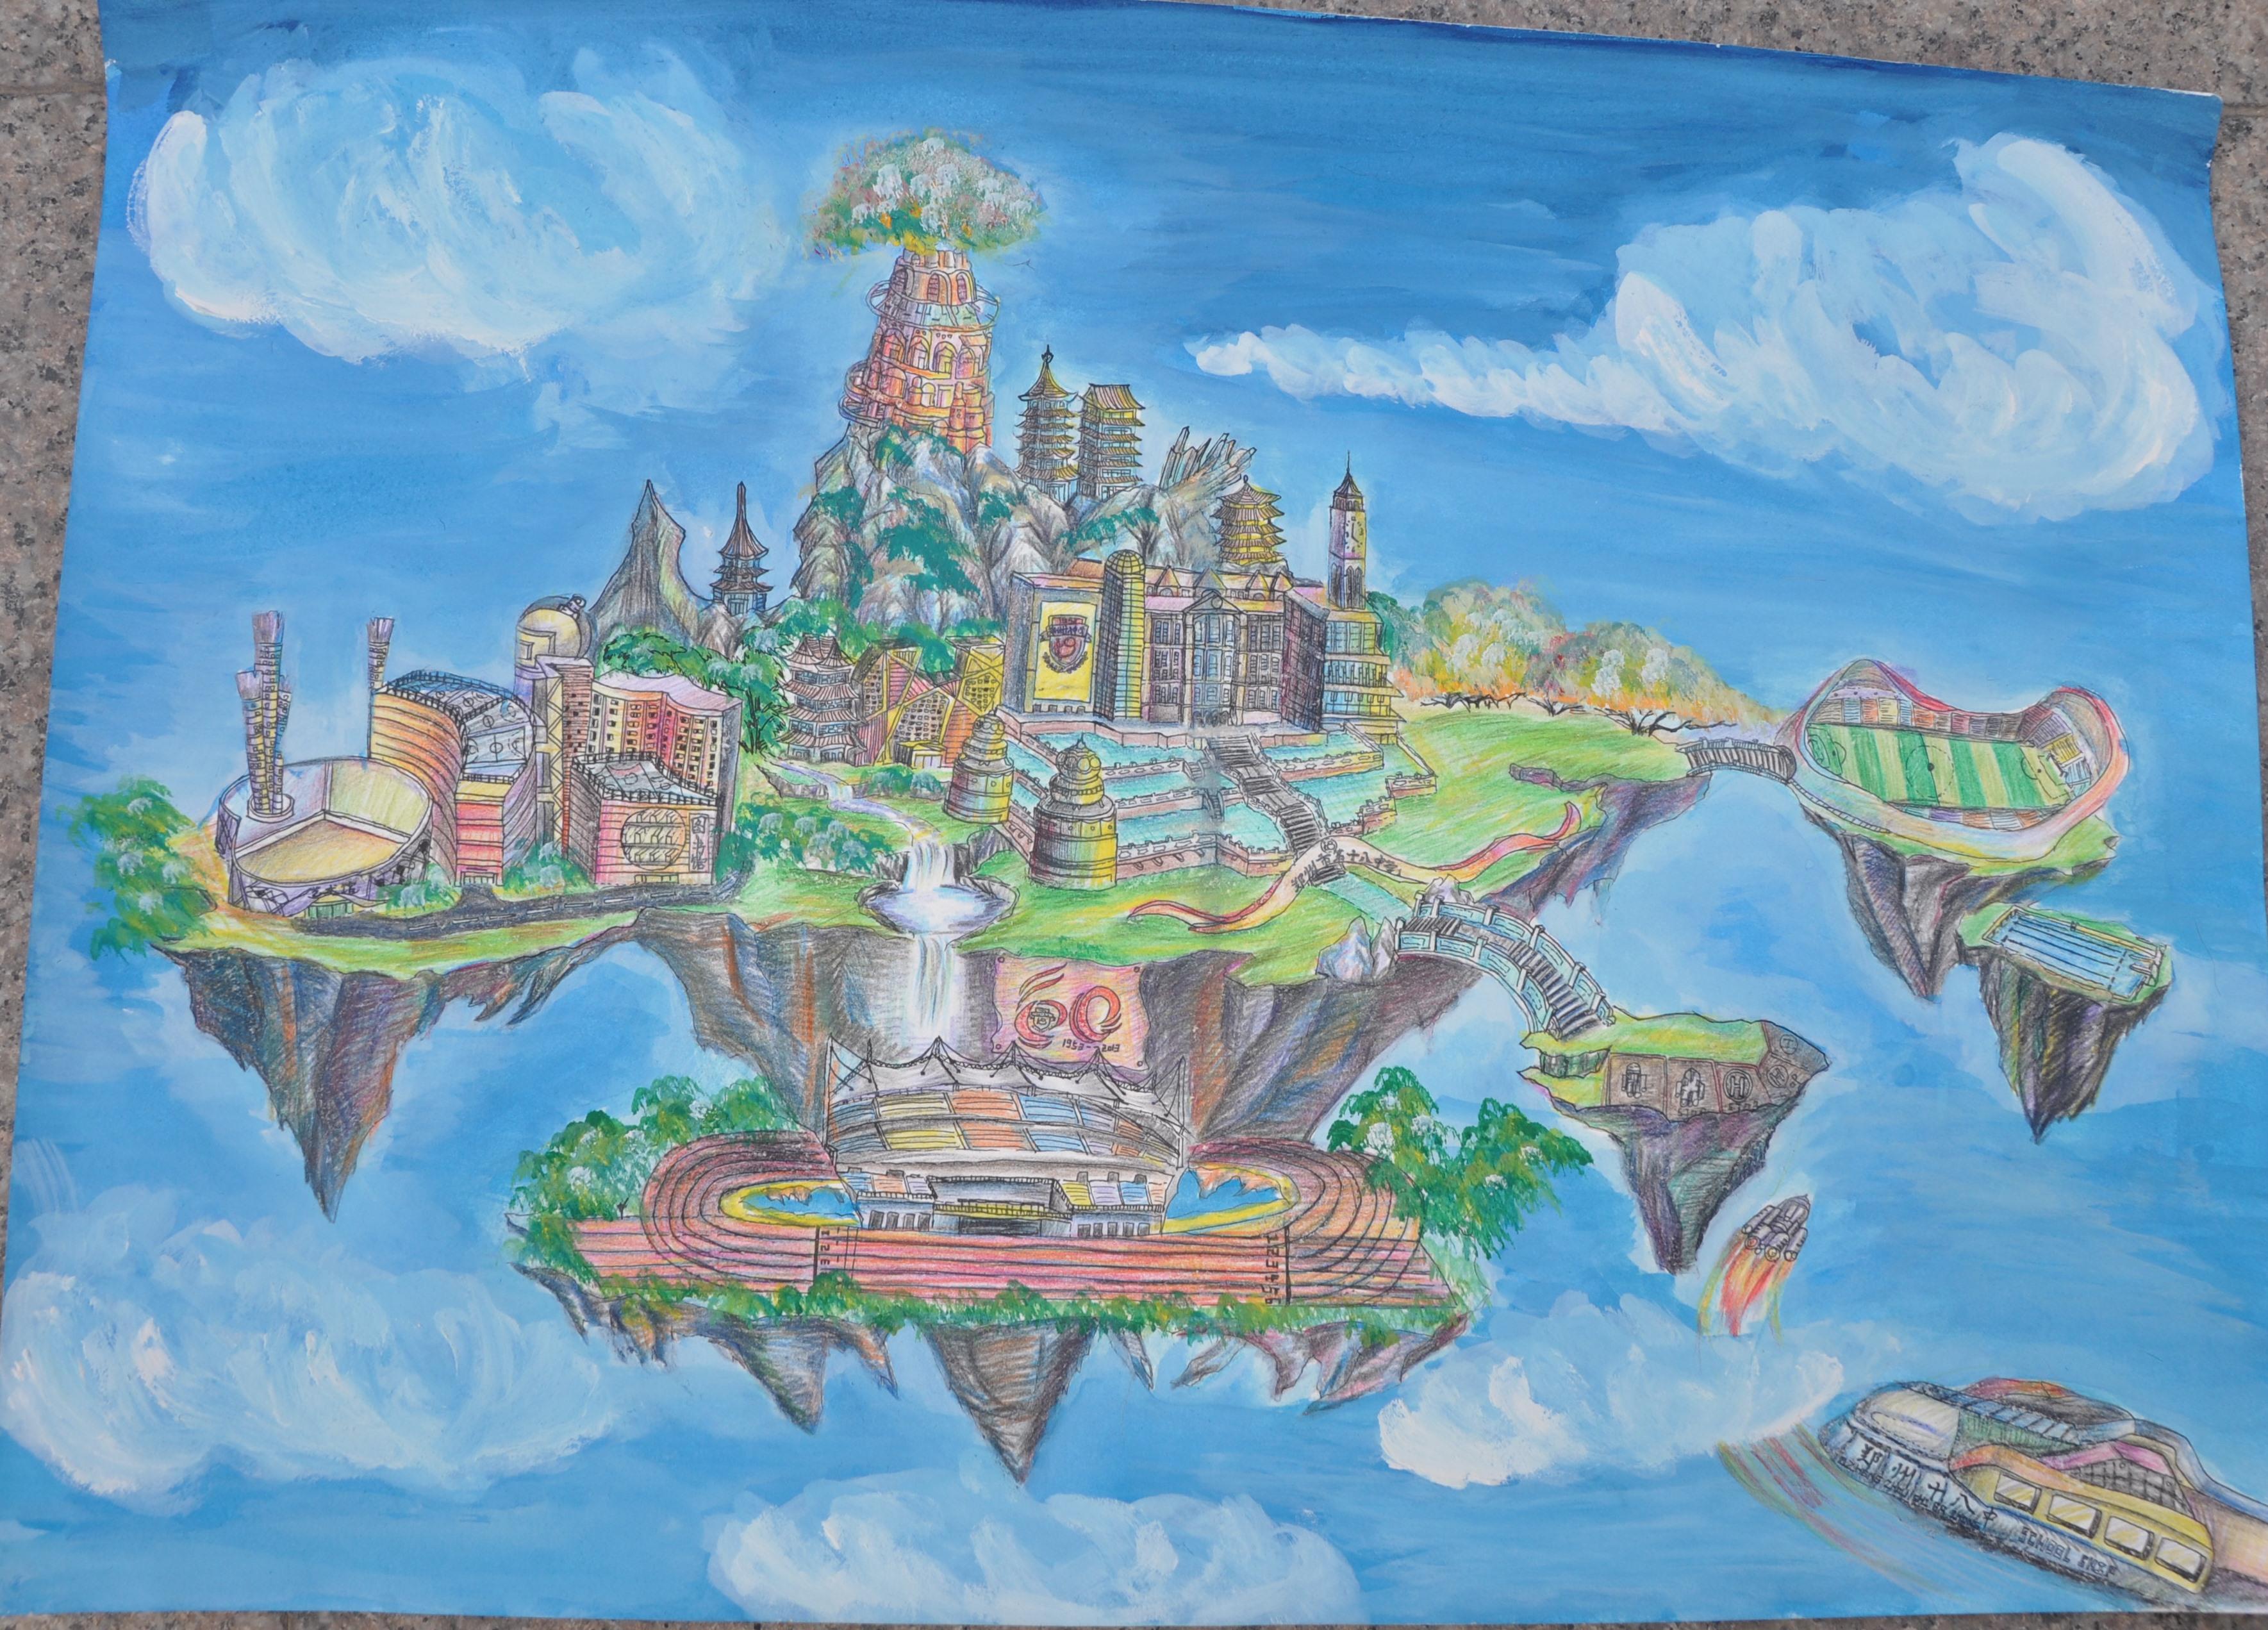 天空之城拉普达简笔画地理小学教育图片